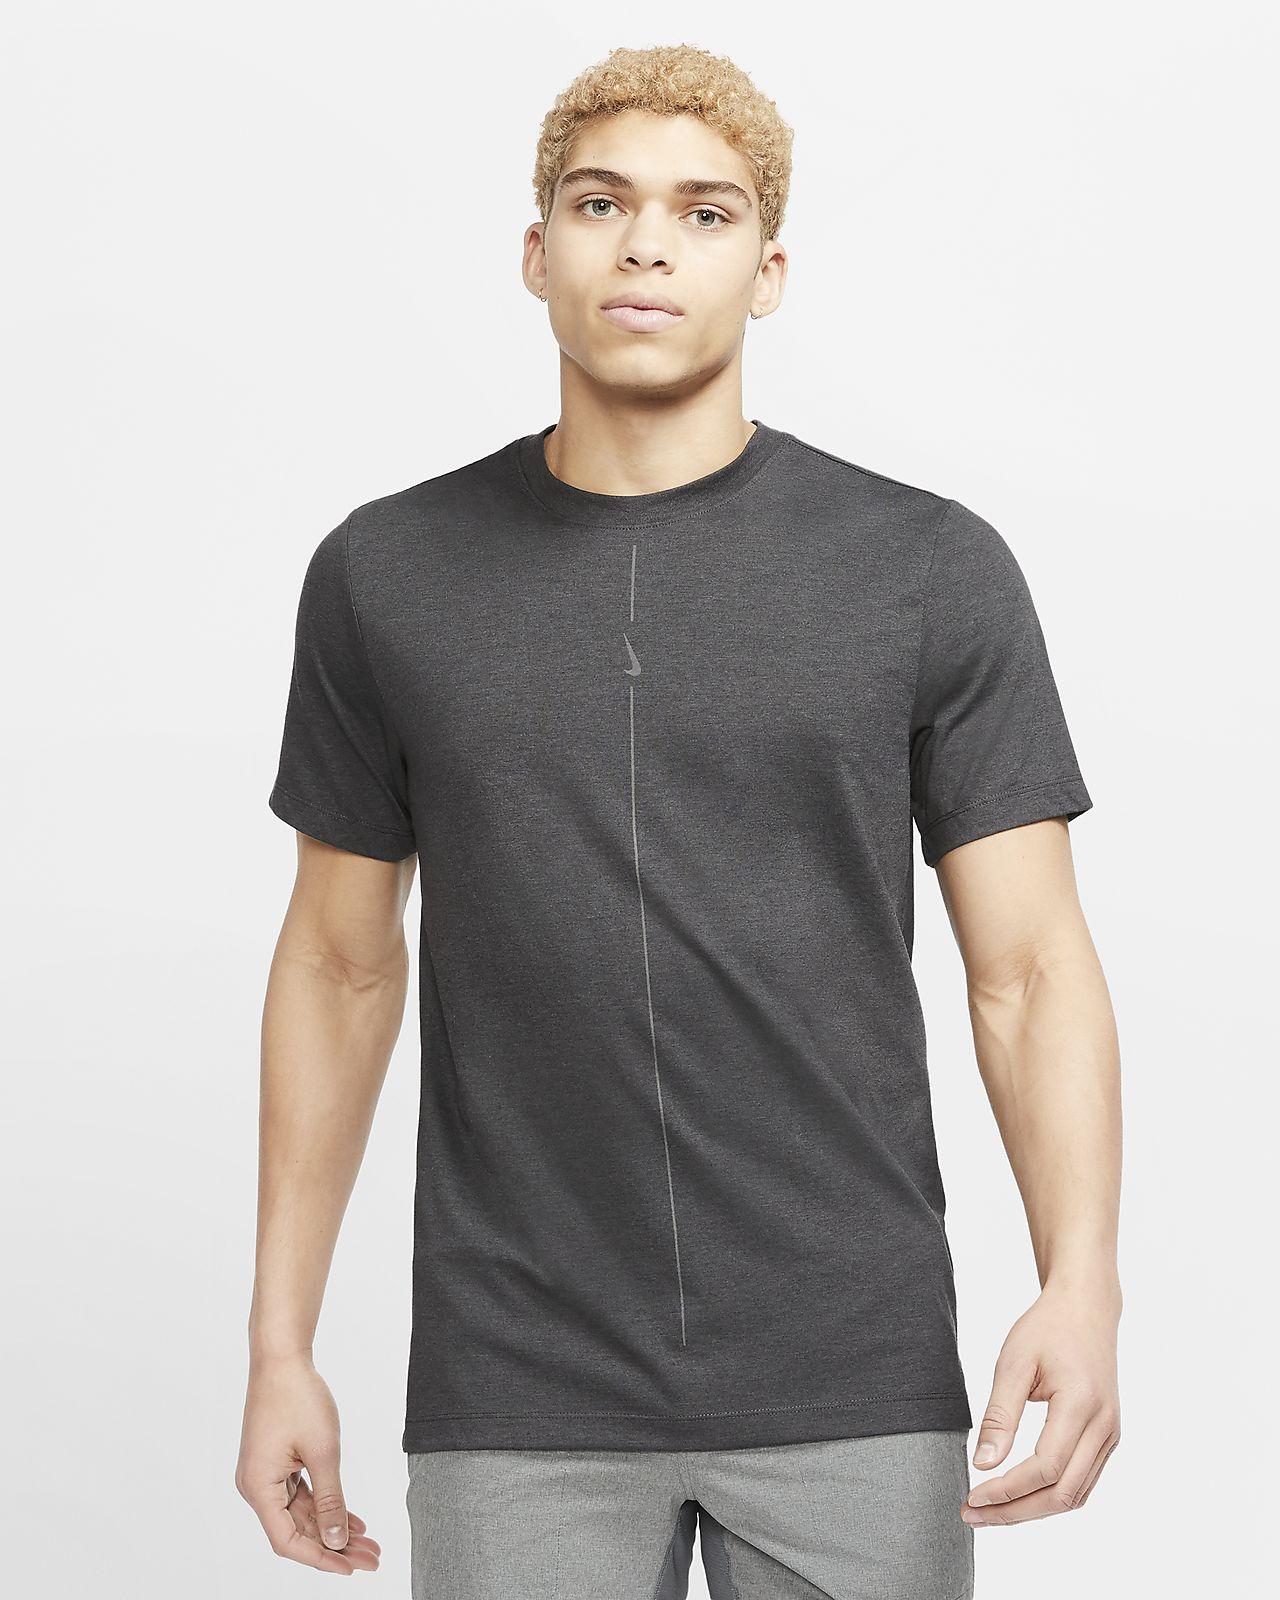 Nike Yoga Dri-FIT Men's T-Shirt